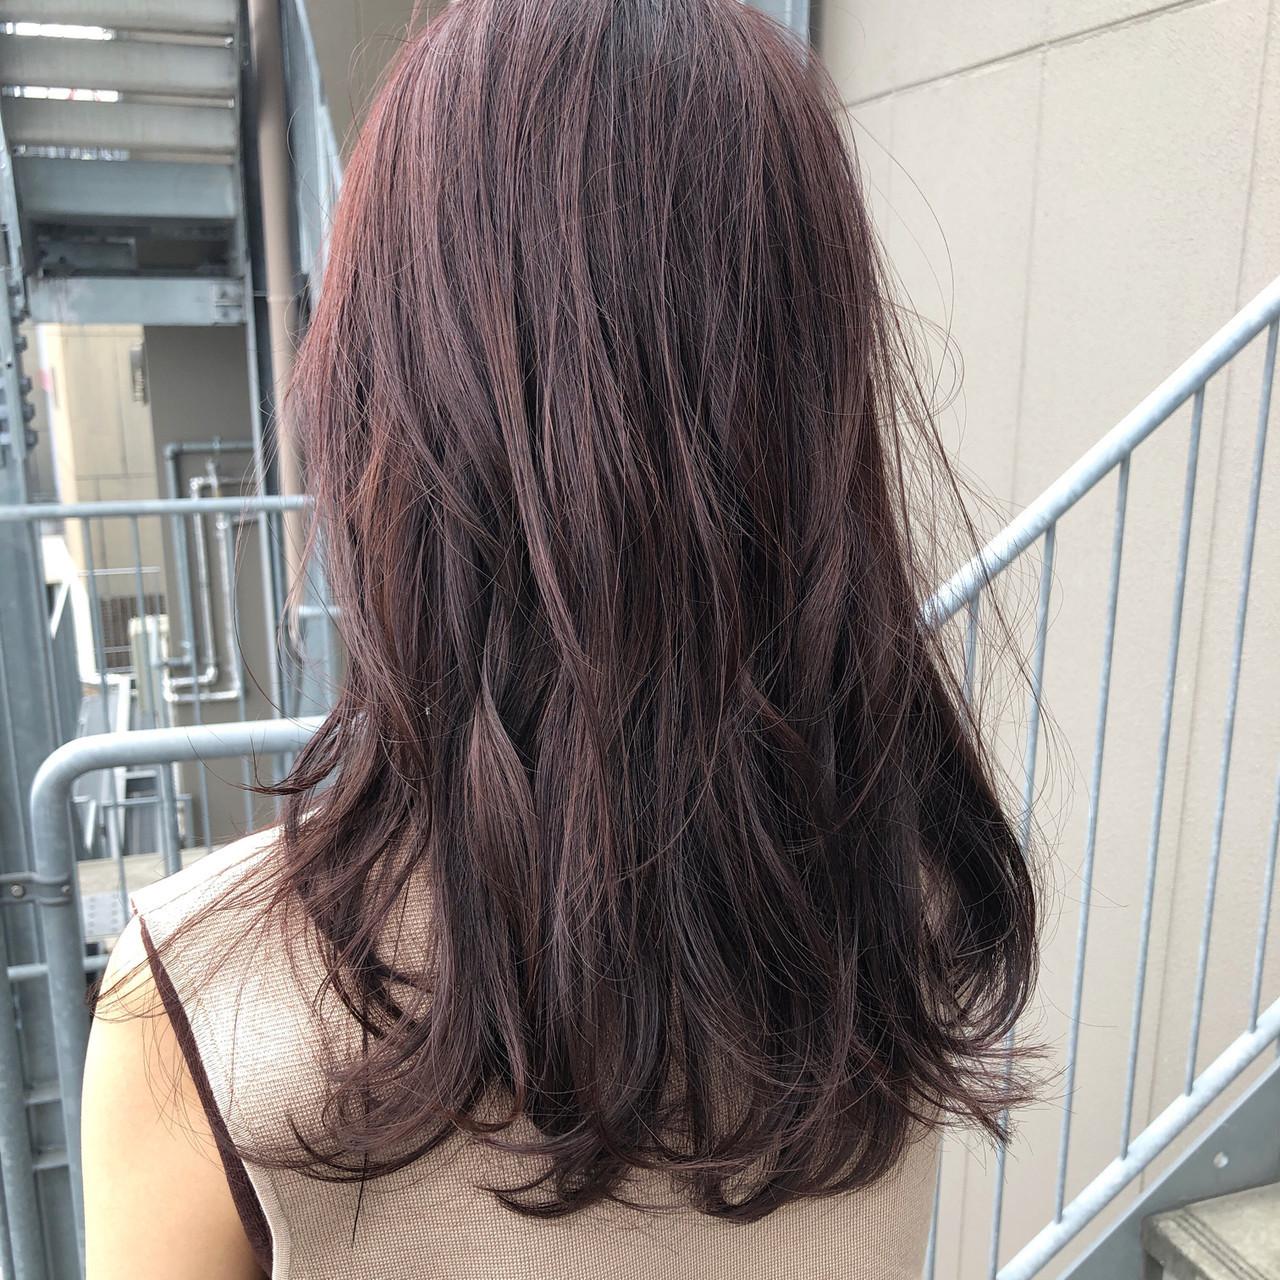 ベリーピンク ナチュラル ラズベリーピンク ミディアム ヘアスタイルや髪型の写真・画像